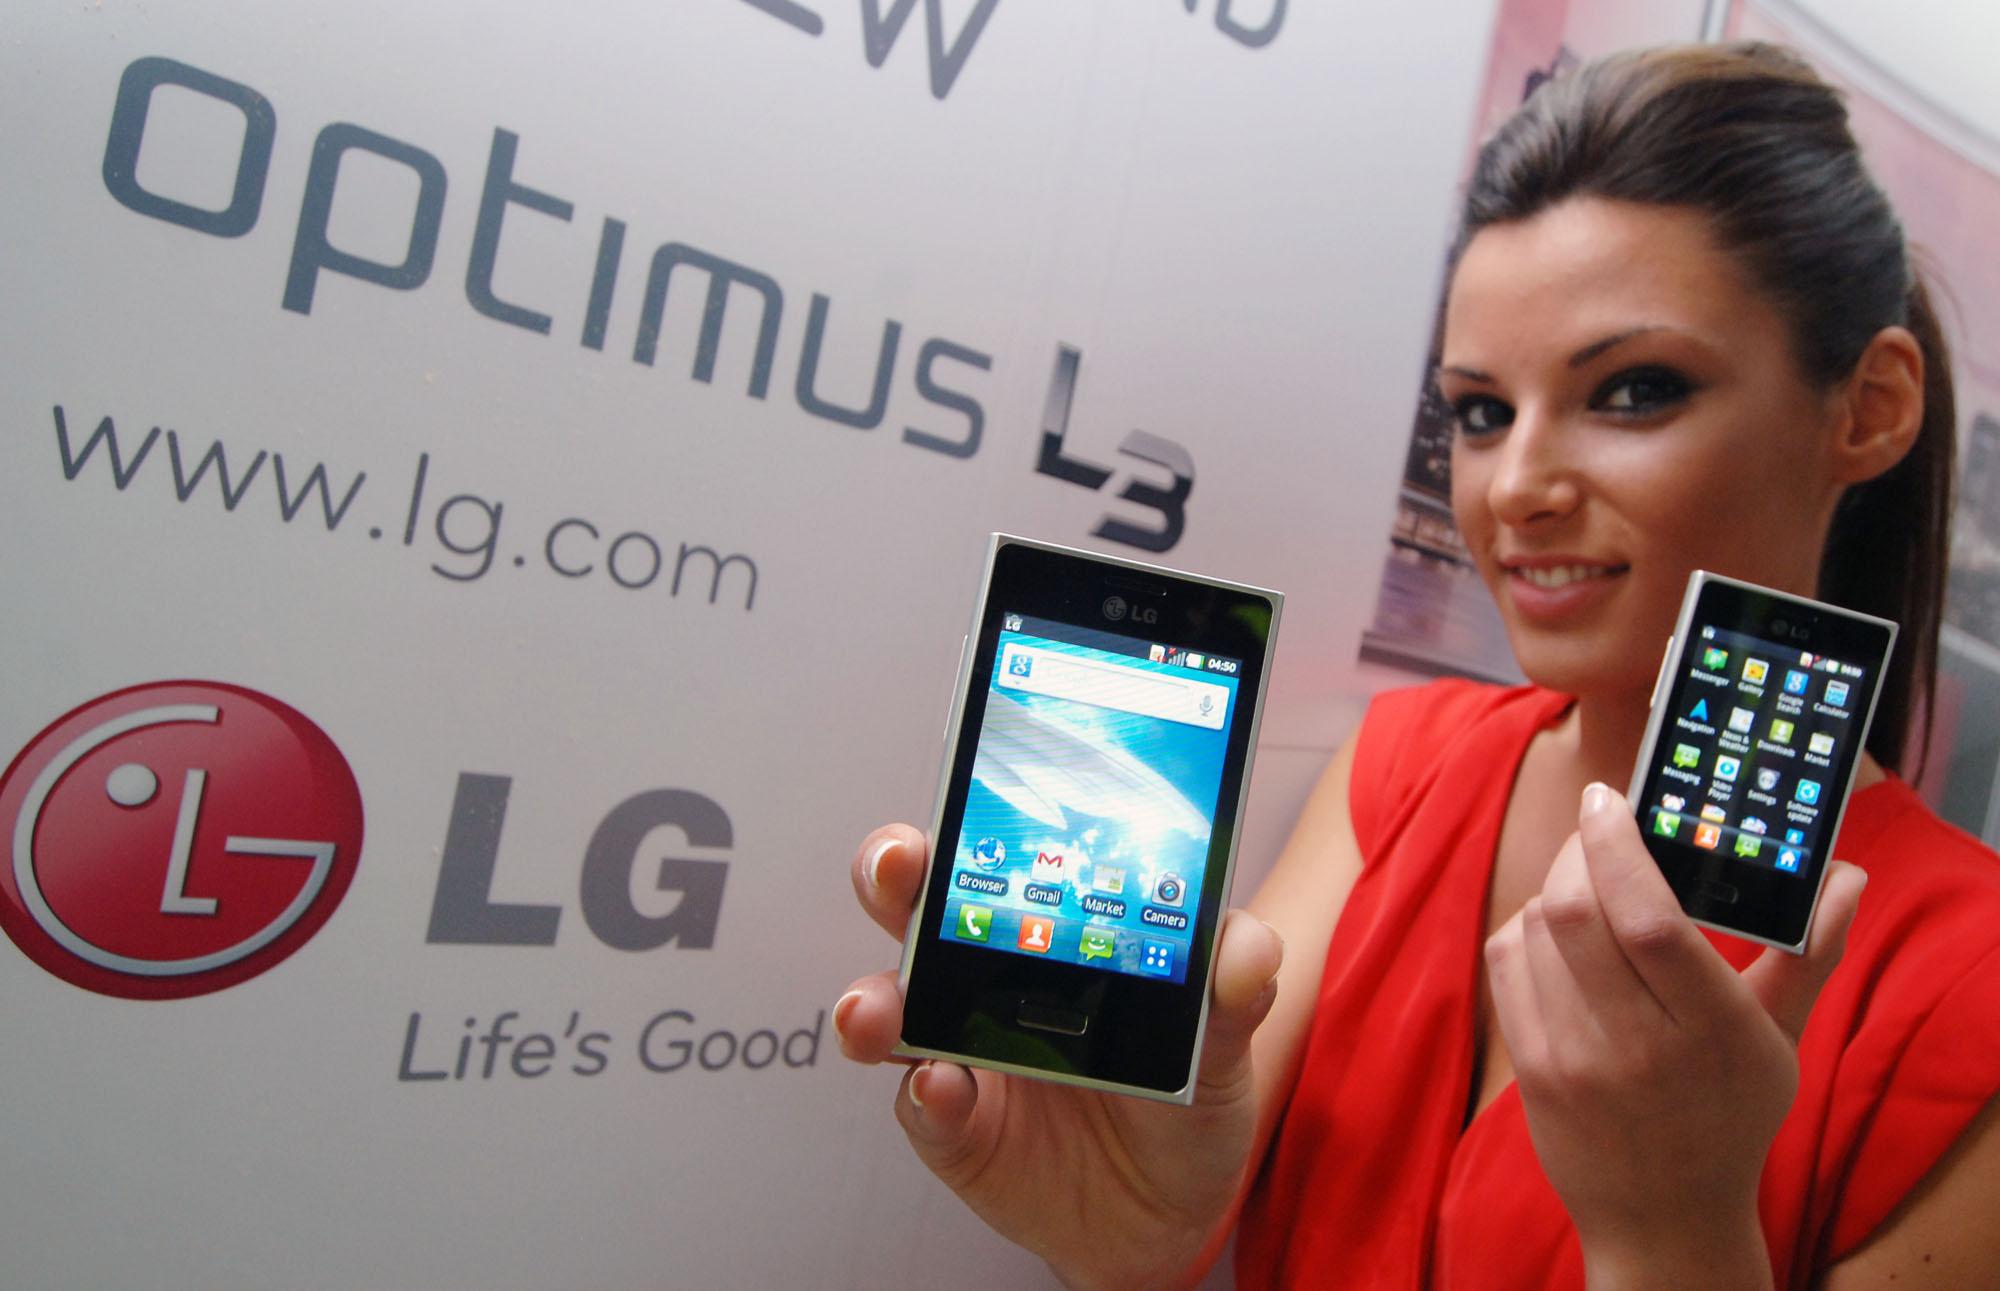 LG Optimus L3 es claramente un teléfono de gama baja pensado para